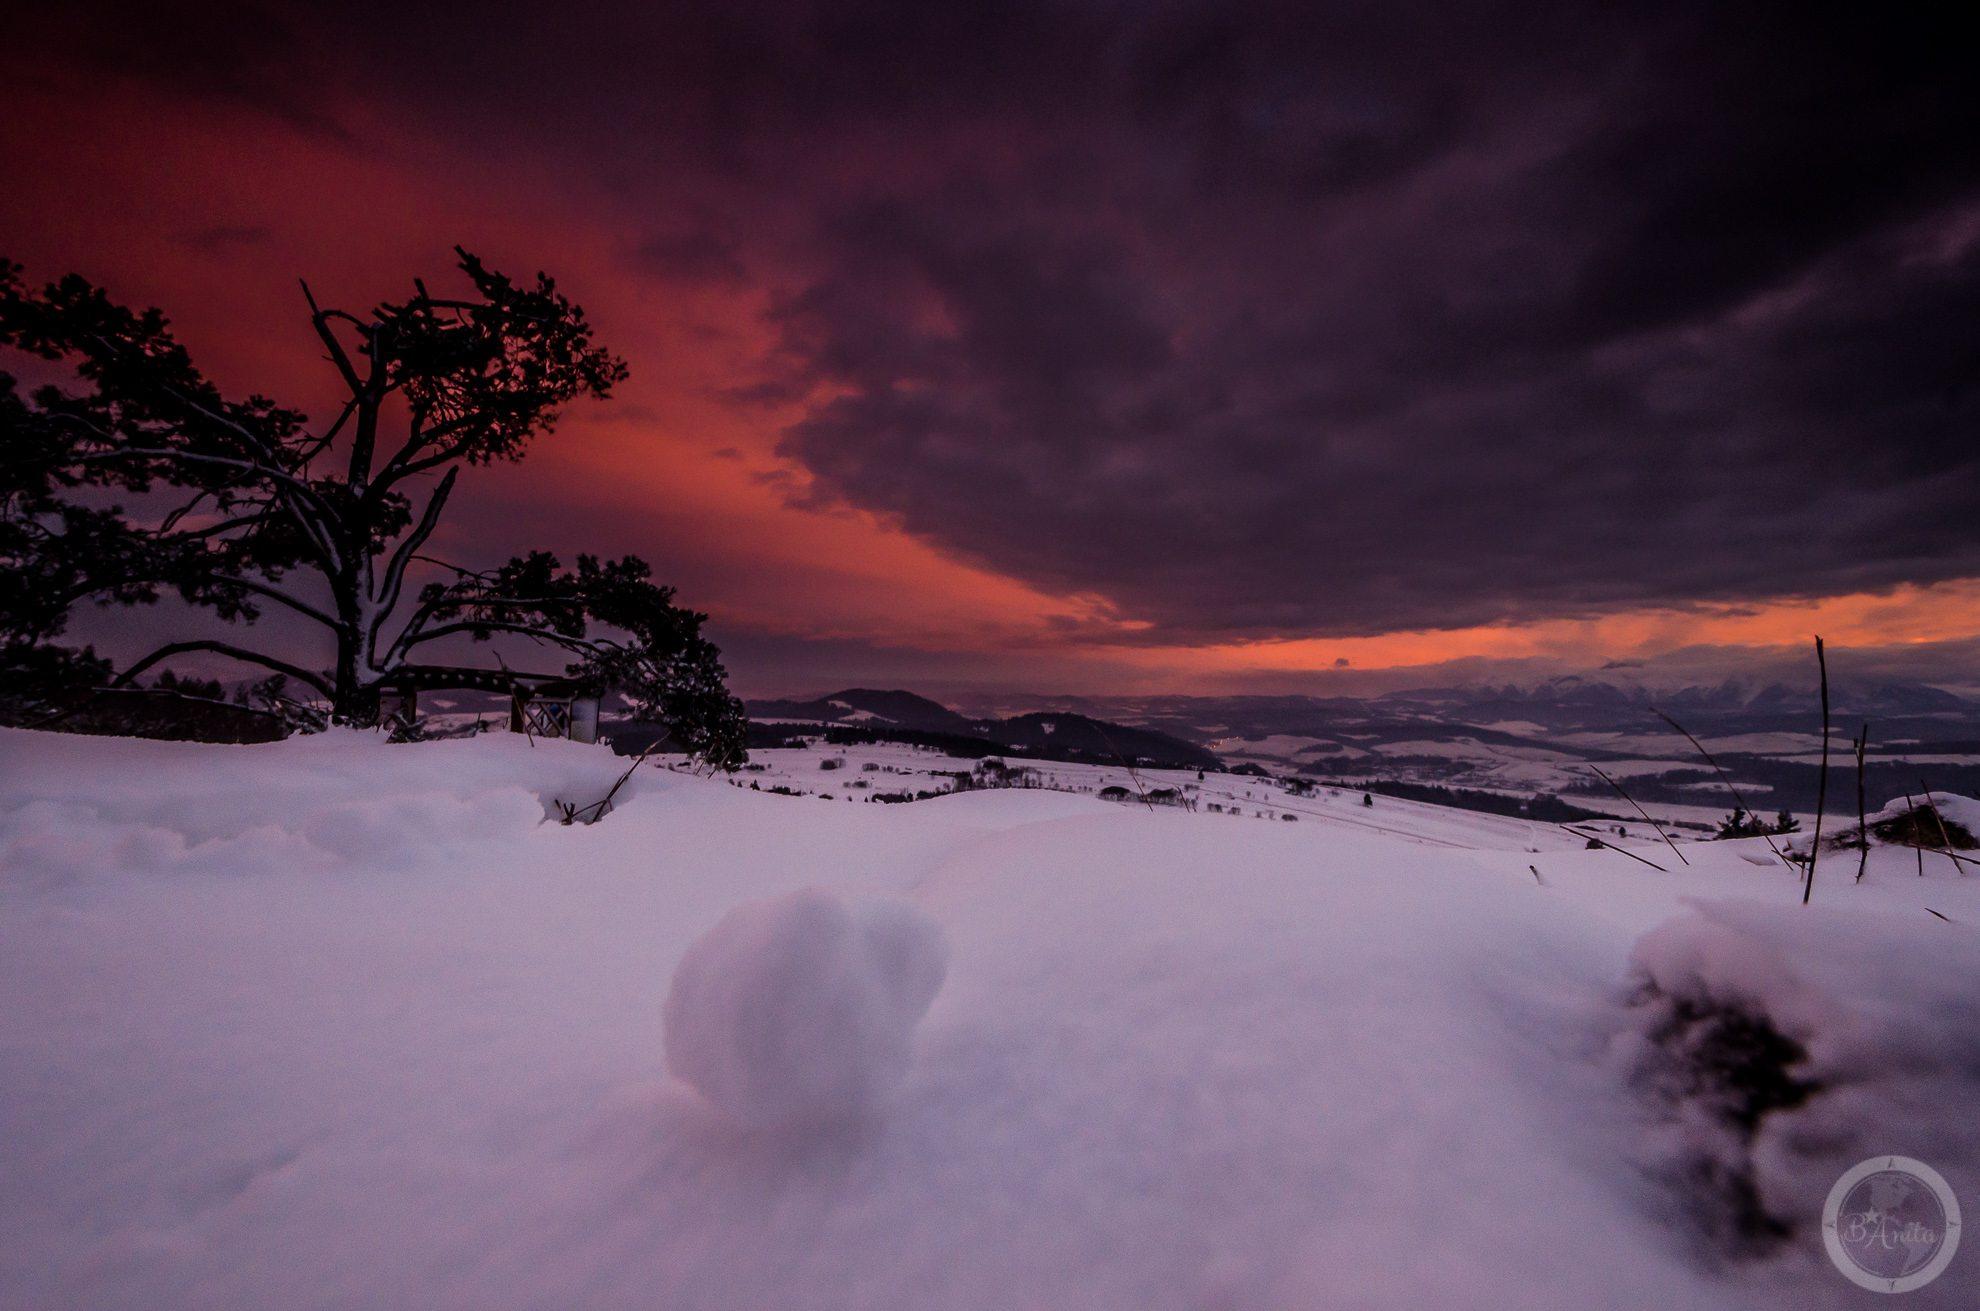 Zachód słońca widziany zGóry Wdżar (766, 767 m), szczytu wpaśmie łączącym Lubań zPieninami. Niebo wygląda jakby zostało podpalone, toefekt zachodu słońca nadTatrami